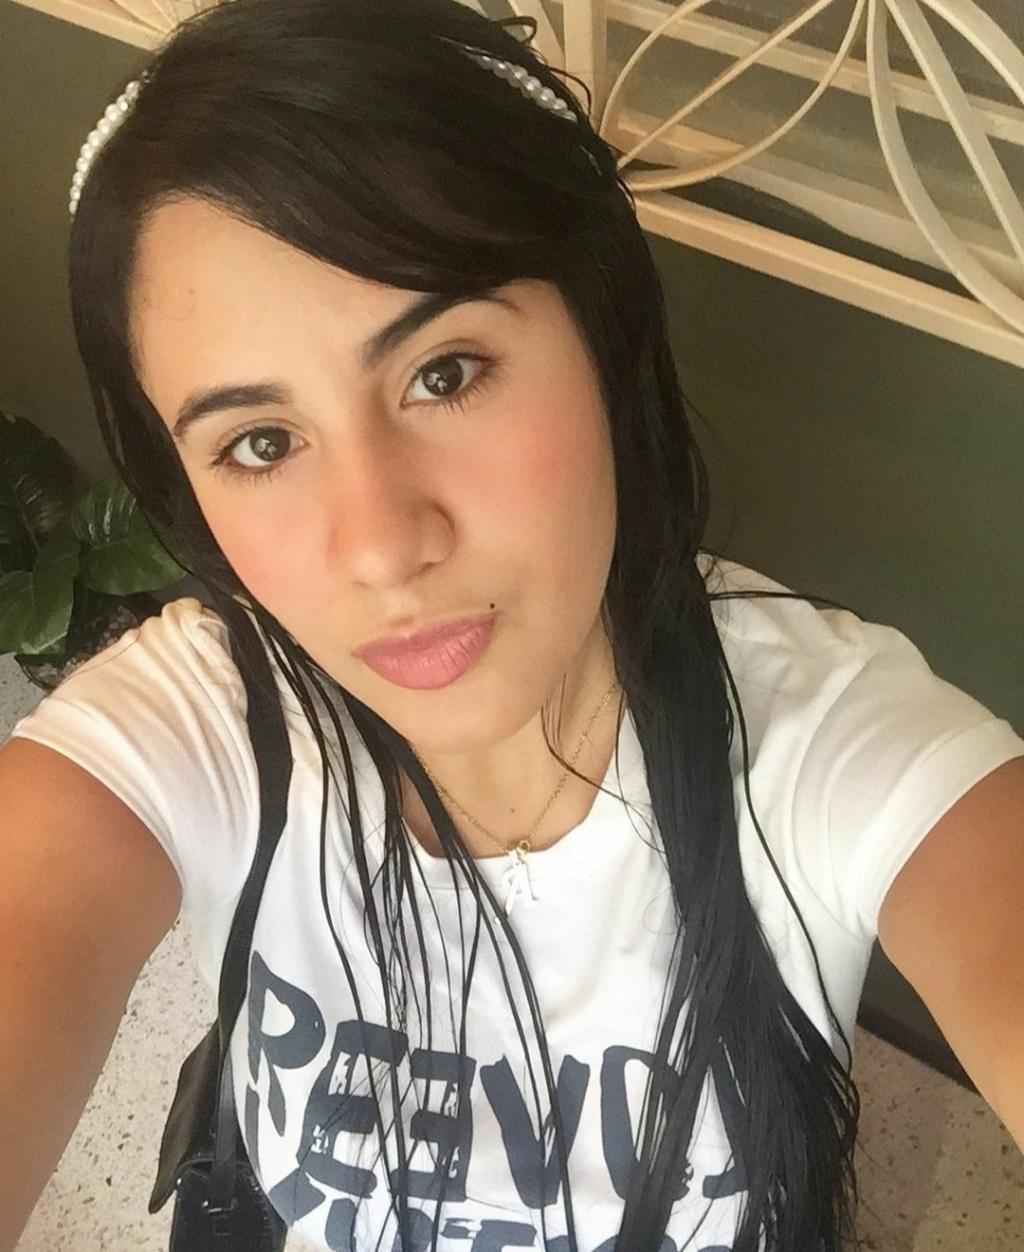 DEBATE sobre belleza, guapura y hermosura (fotos de chicas latinas, mestizas, y de todo) - VOL II - Página 15 Img_1068